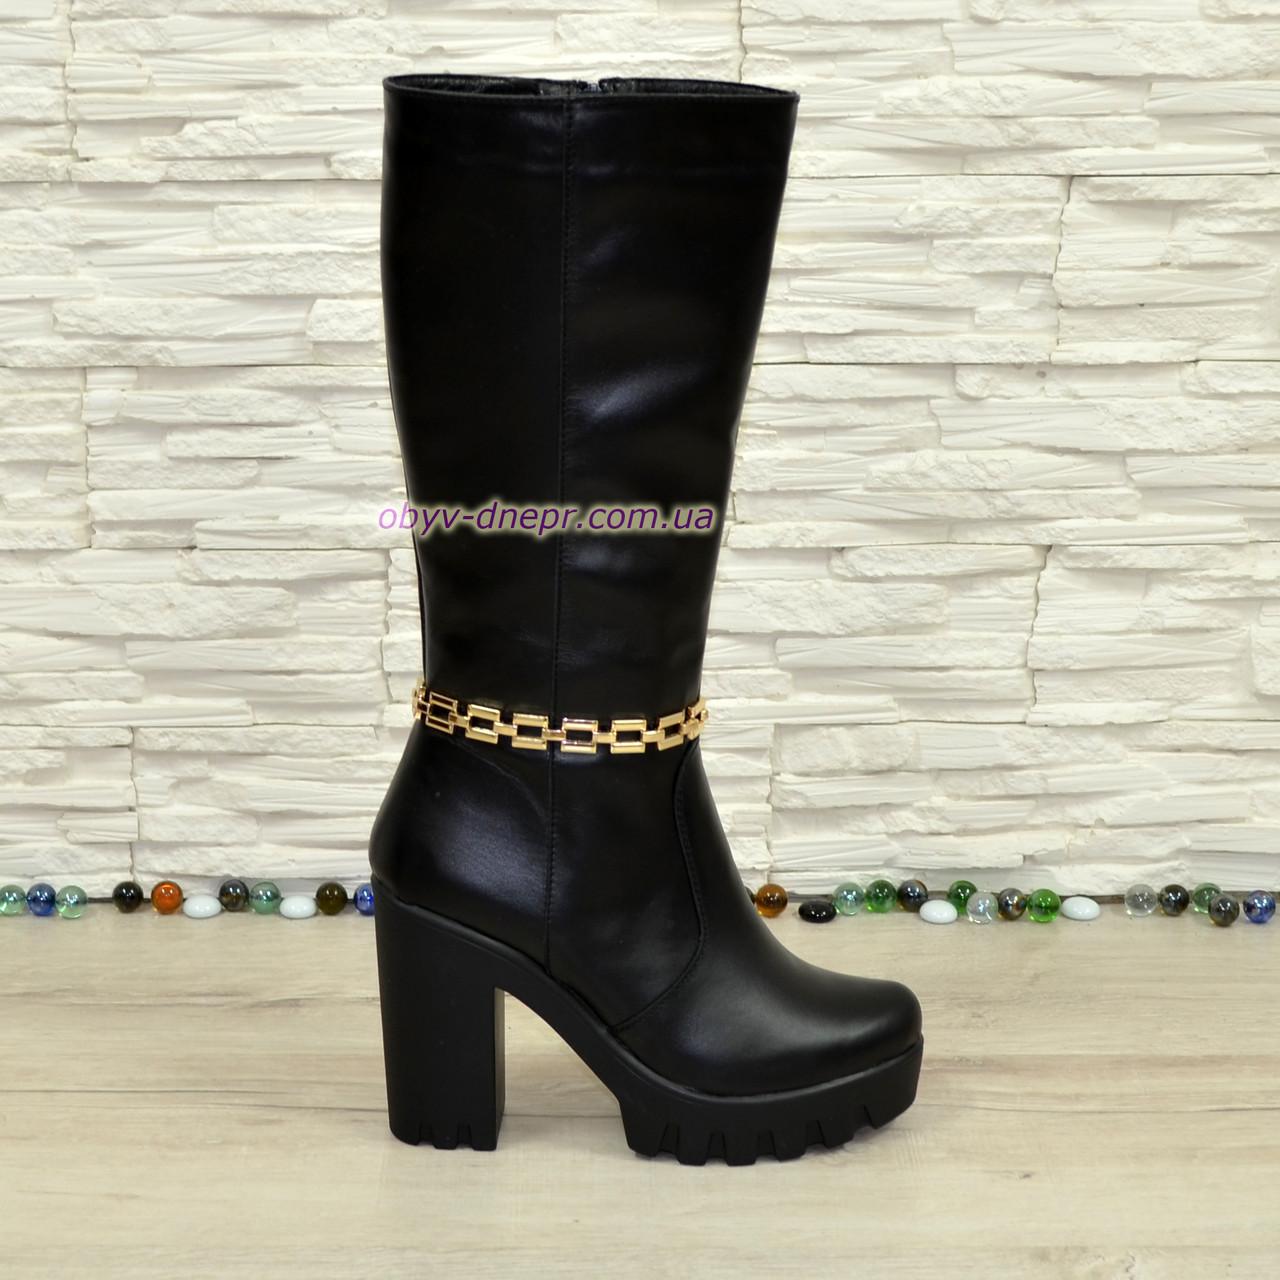 Сапоги женские кожаные демисезонные на устойчивом каблуке